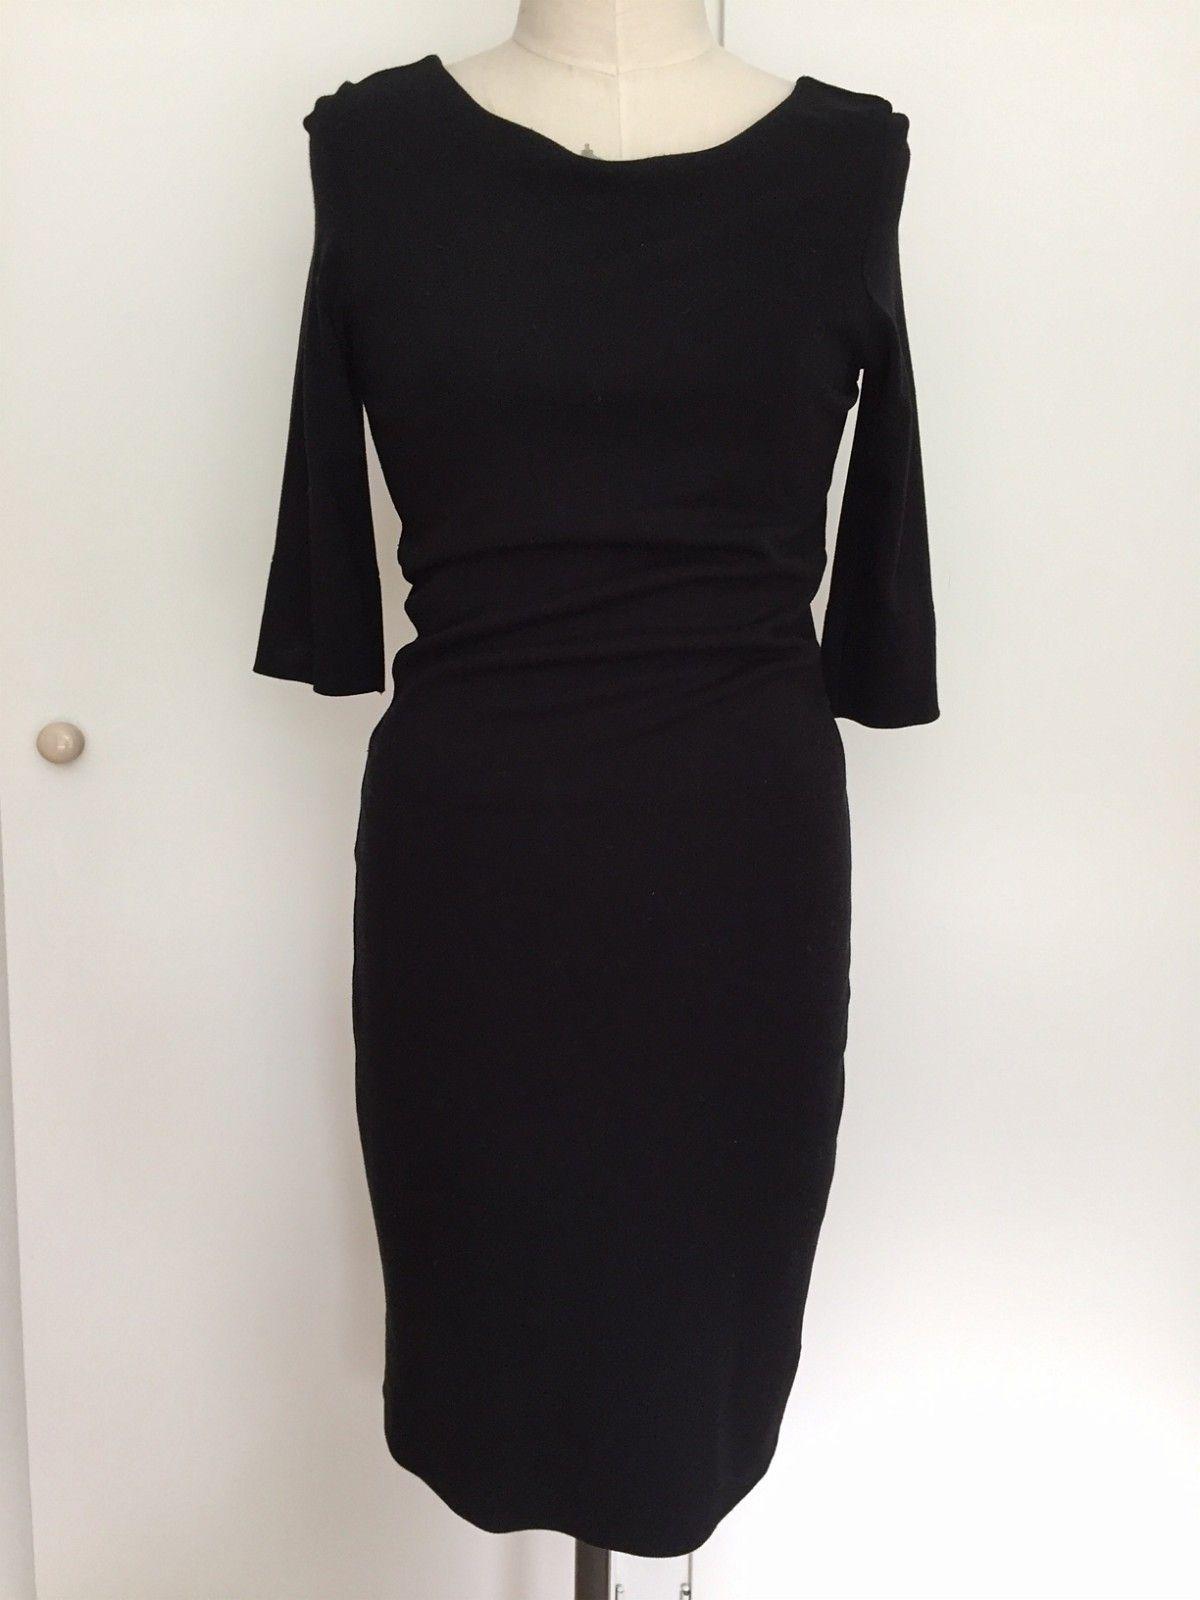 karen millen kjoler store størrelser, Karen Millen Jersey